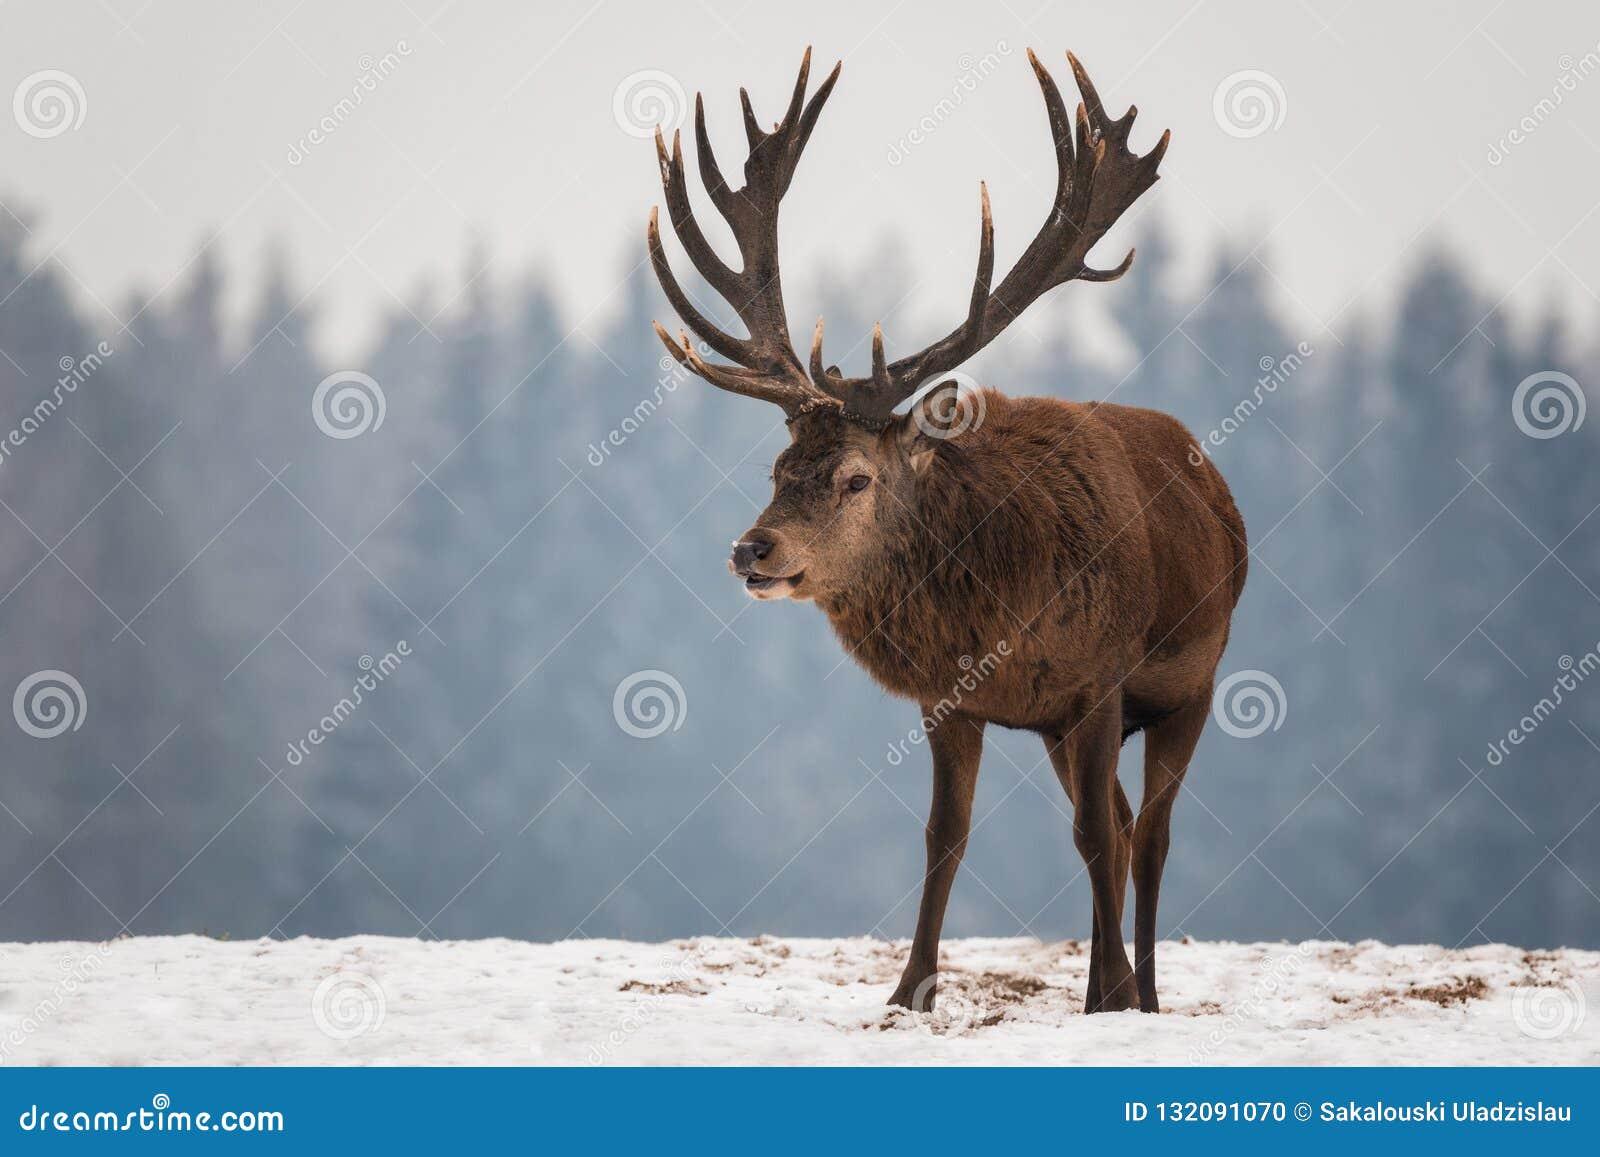 Potężny Dorosły Szlachetny Jeleni Cervus Elaphus Z Dużymi rogami, Pięknie Obracająca głowa Europejski przyroda krajobraz Z Jeleni